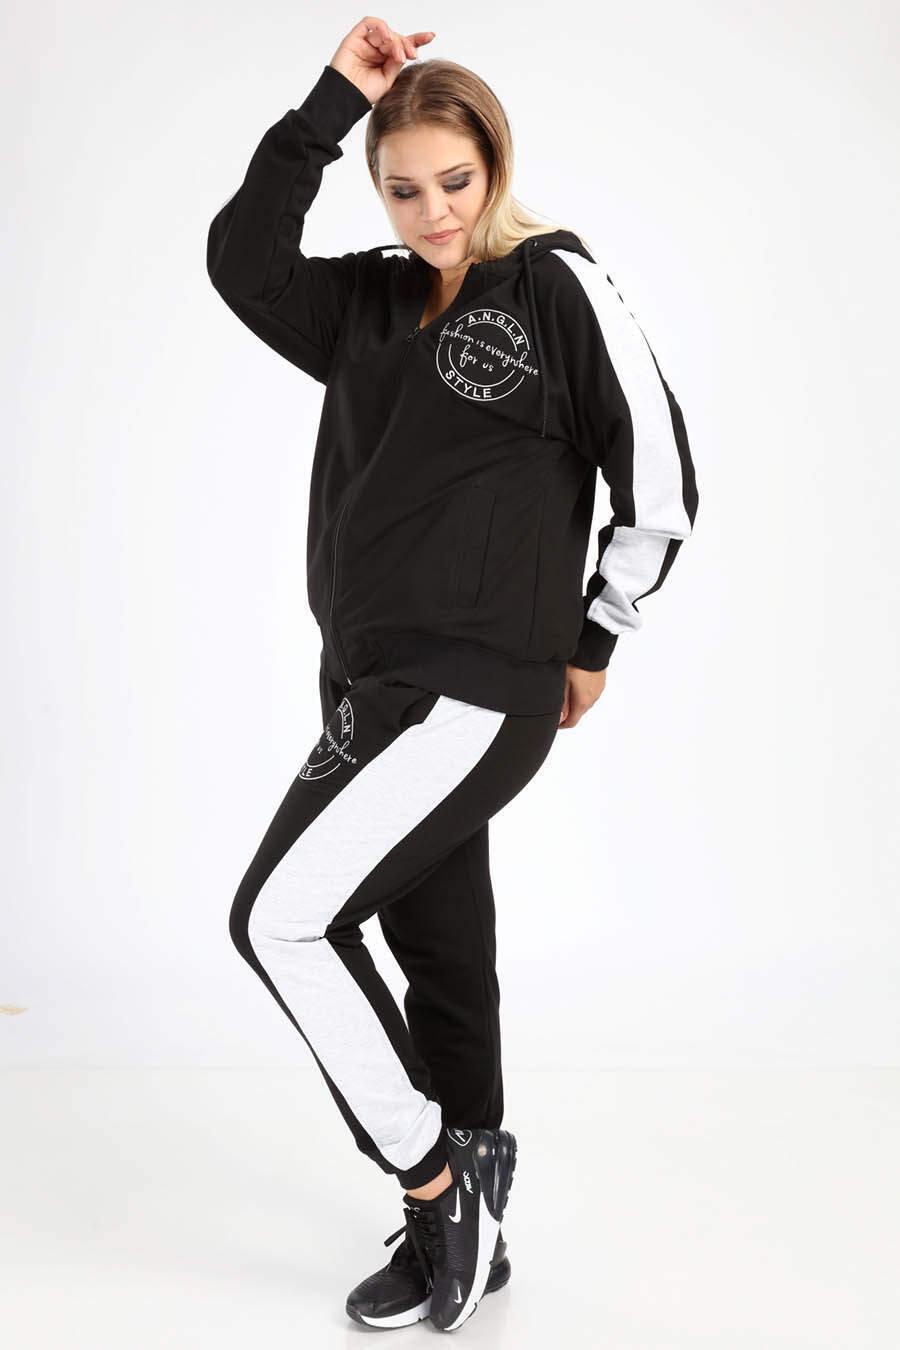 Angelino Büyük Beden Spor Giyim Nakışlı Kapüşonlu Eşofman Takımı 2527